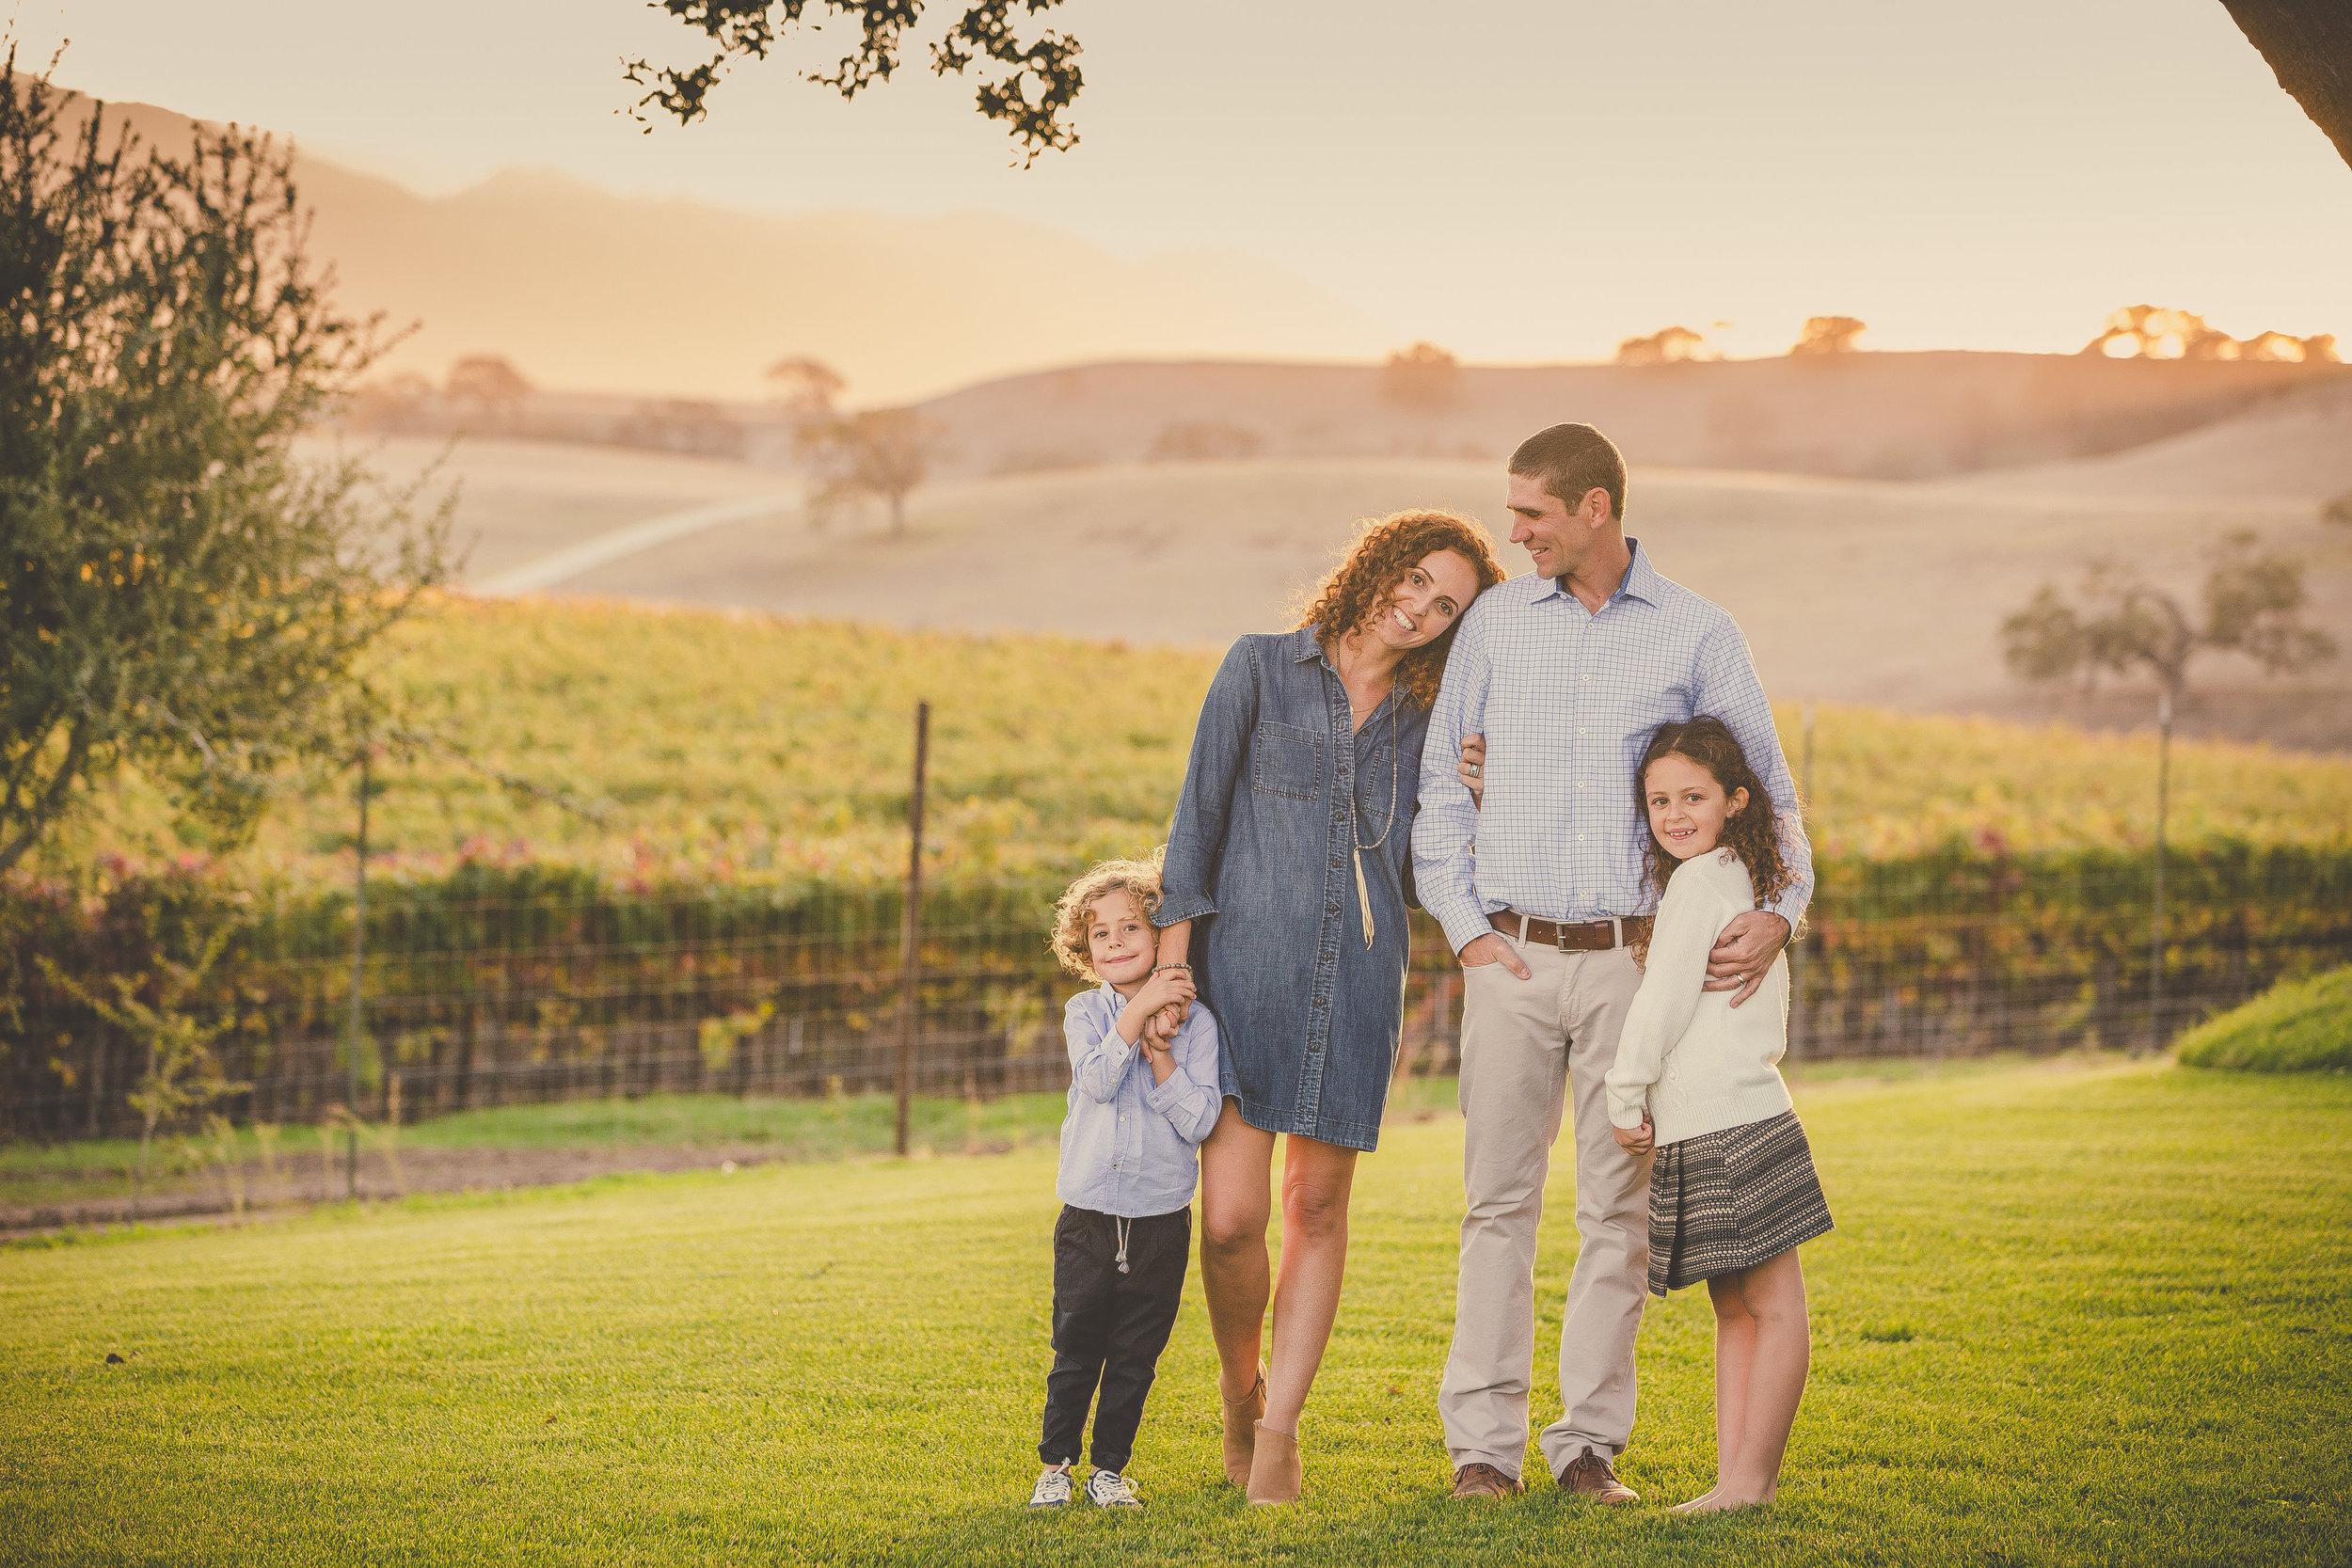 Family Portrait Session, Santa Ynez, CA / Private Ranch & Estate